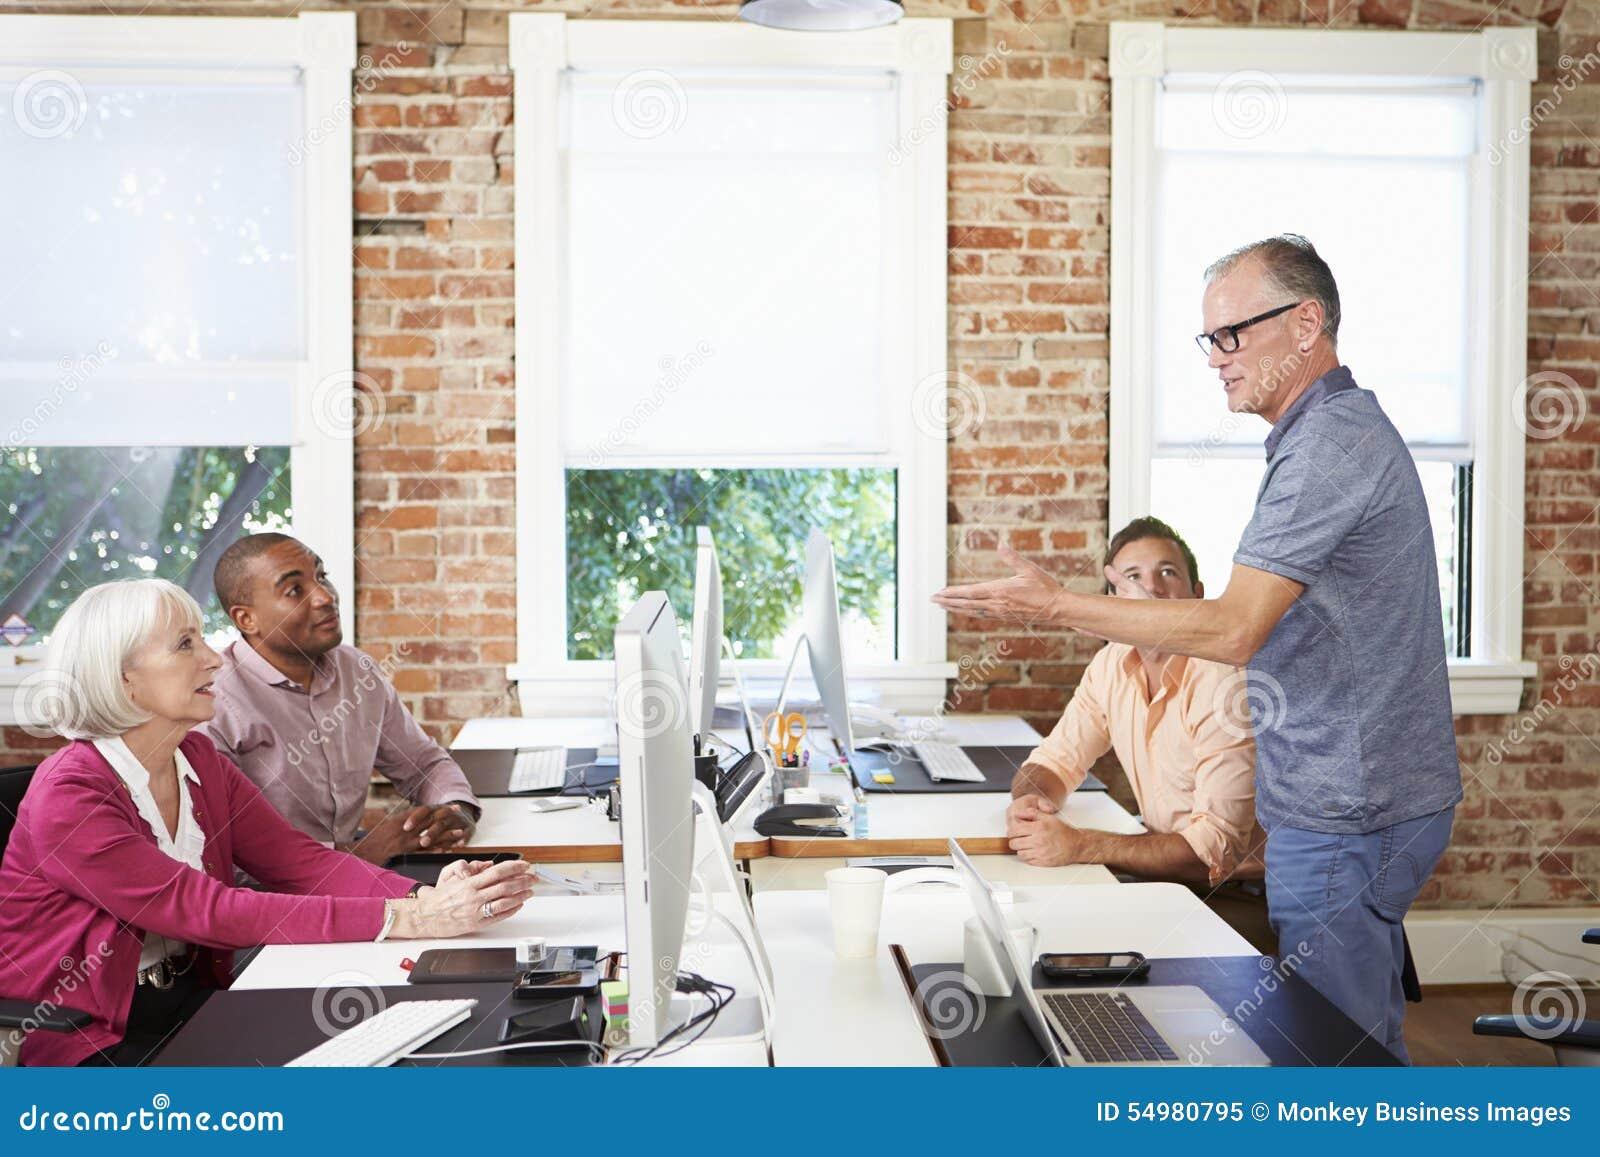 Grupp av arbetare på skrivbord i kontor för modern design